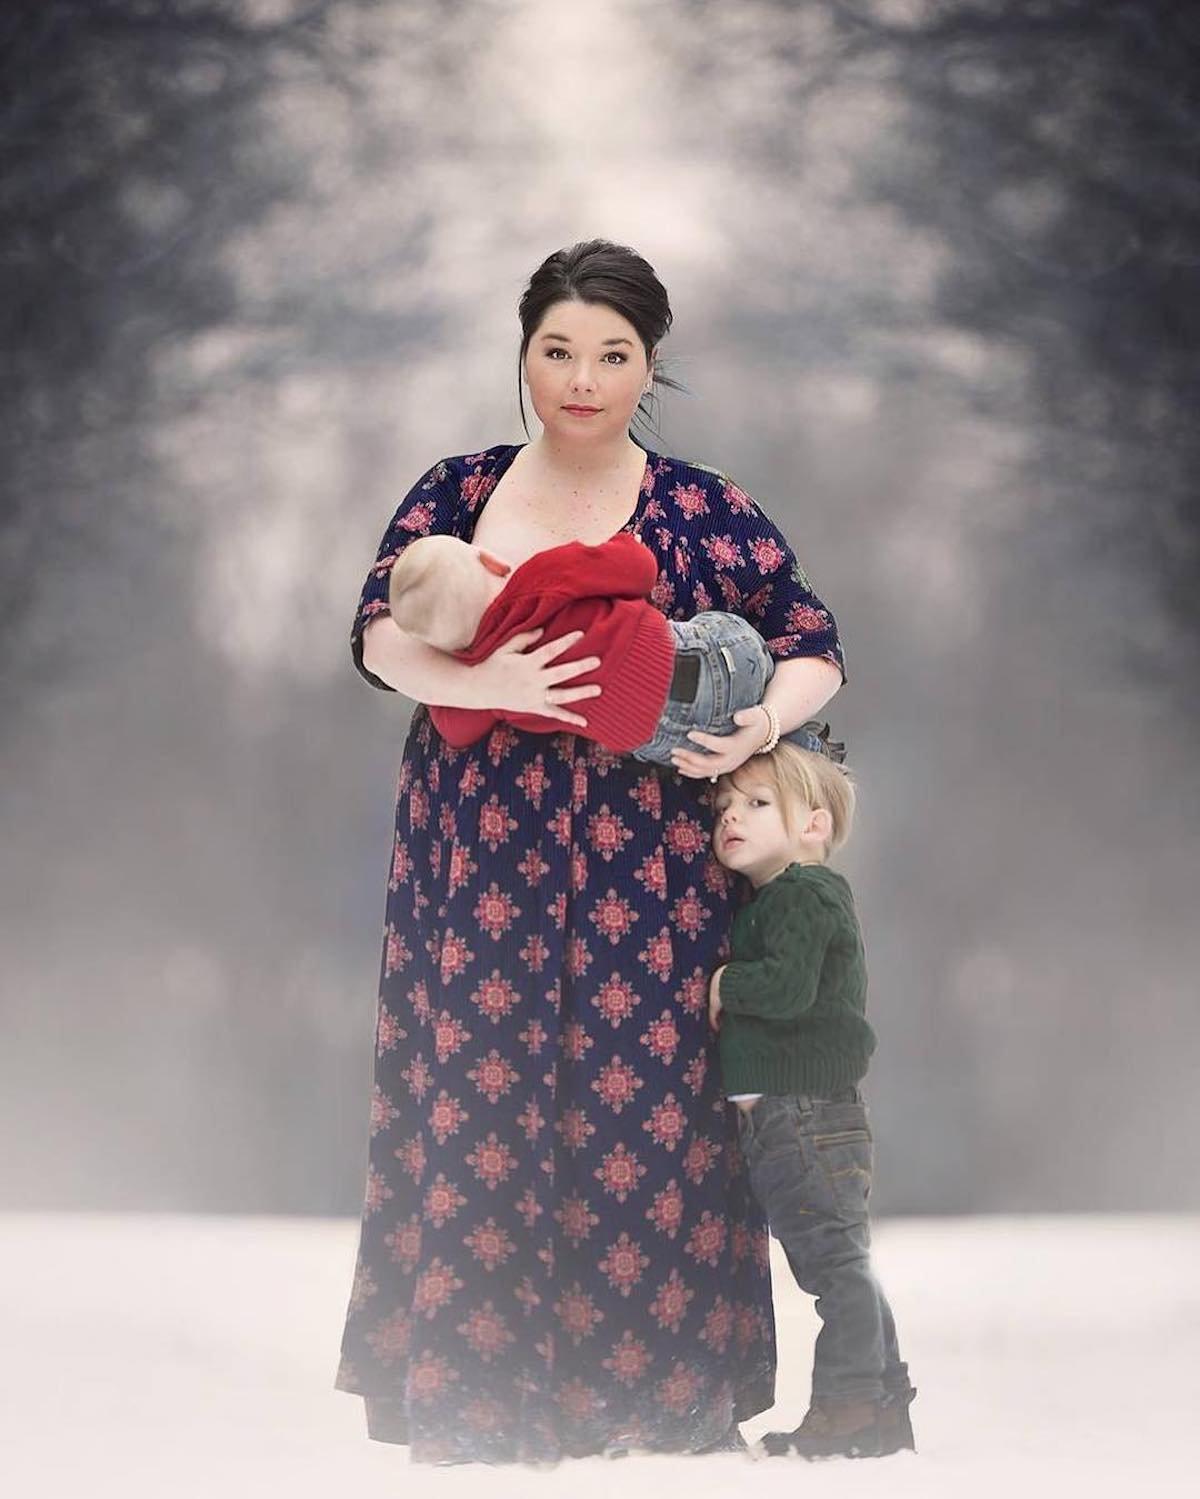 ivette ivens allaitement photographies tendresse 10.jpg?resize=412,232 - Elle photographie des mères qui donnent le sein pour dé-stigmatiser l'allaitement.